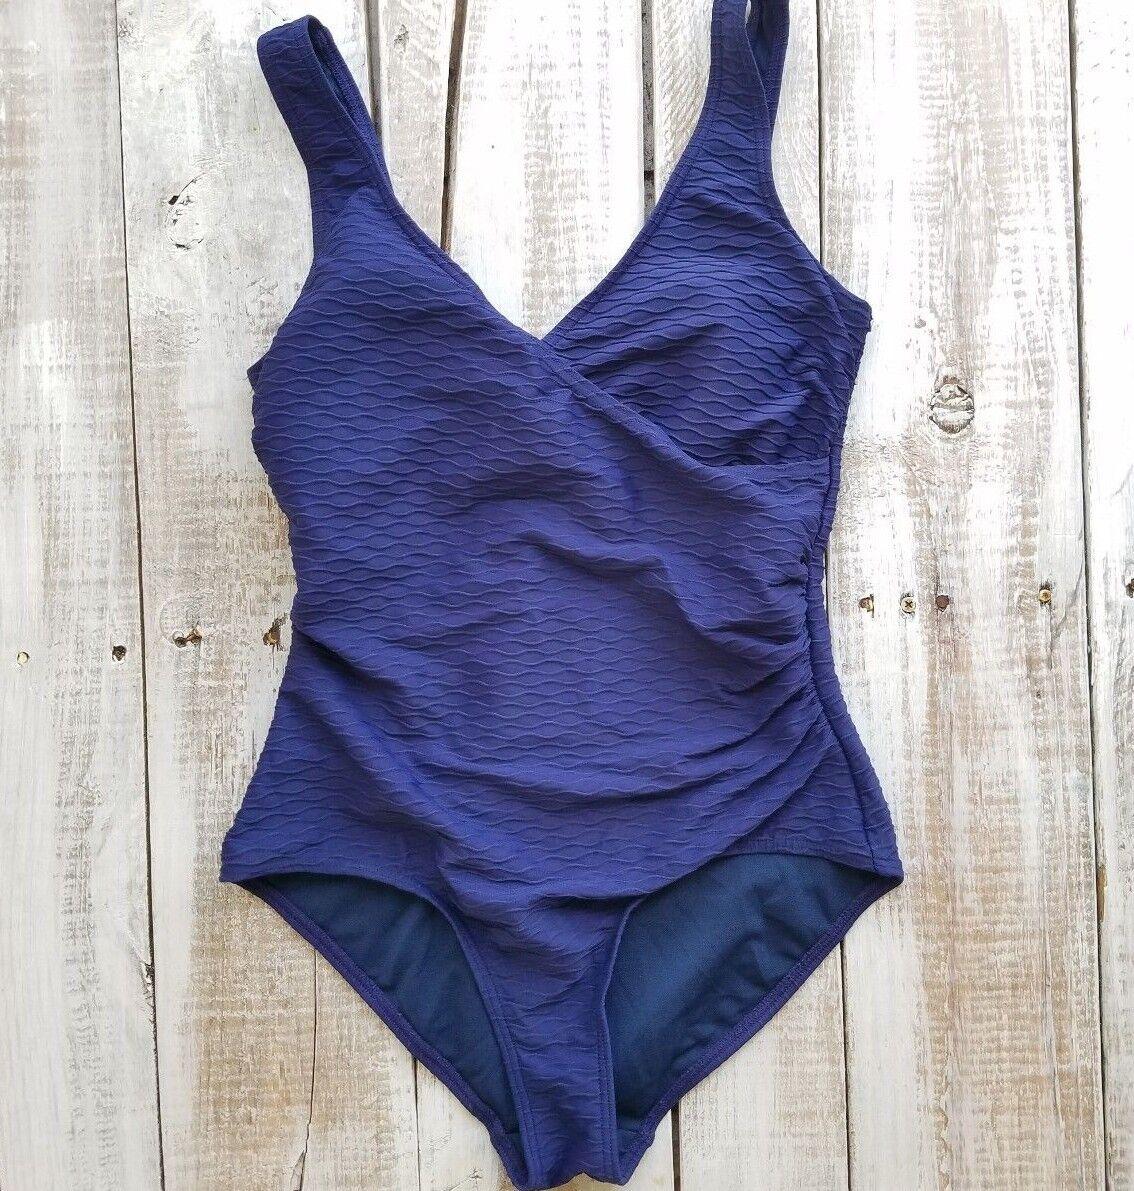 Bond-eye Australia Swimsuit Women size 10 cup on epiece Multi fit solid bluee